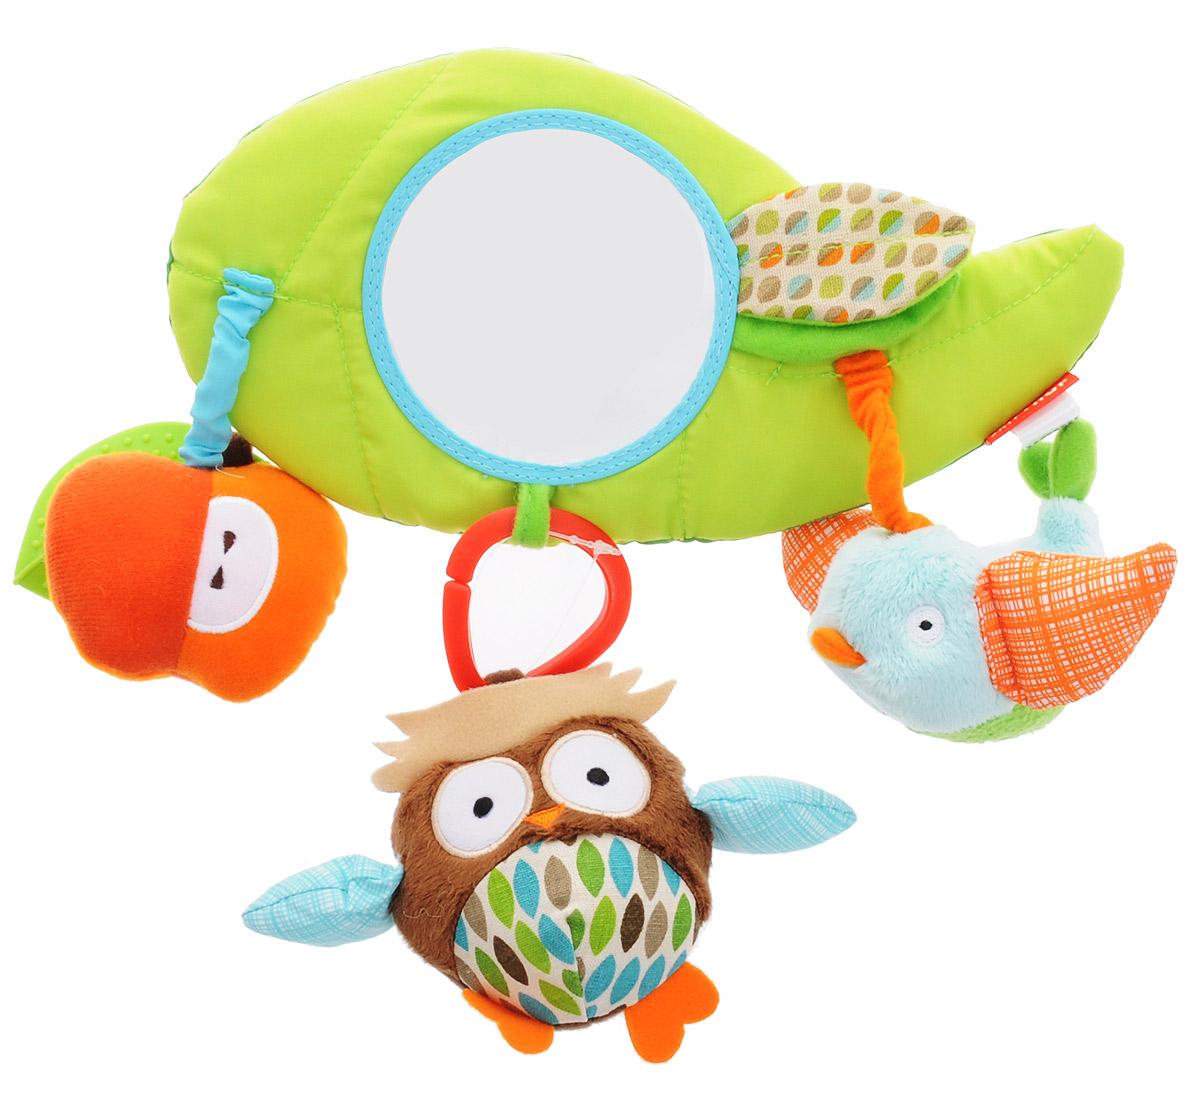 Skip Hop Развивающая игрушка-подвеска на коляску ДрузьяSH 185600Развивающая игрушка-подвеска на коляску Skip Hop Друзья обязательно понравится вашему малышу. Игрушка выполнена из разнофактурных текстильных материалов и пластика в виде большого листочка с безопасным зеркалом, шуршащим листочком и прикрепленными игрушками: птичкой, совой и яблоком. Птичка оснащена пищалкой, в сову и яблоко вшиты погремушки, к яблоку прикреплен прорезыватель в виде листика. Игрушку-подвеску можно установить на коляску или детское кресло с помощью застежек-липучек. Яркая игрушка-подвеска Skip Hop Друзья поможет развить у малыша мелкую моторику рук, звуковое и зрительное восприятие, тактильные ощущения, координацию движений, а милый, жизнерадостный образ подарит малышу хорошее настроение! Не содержит бисфенол А, поливинилхлорид и фталаты.